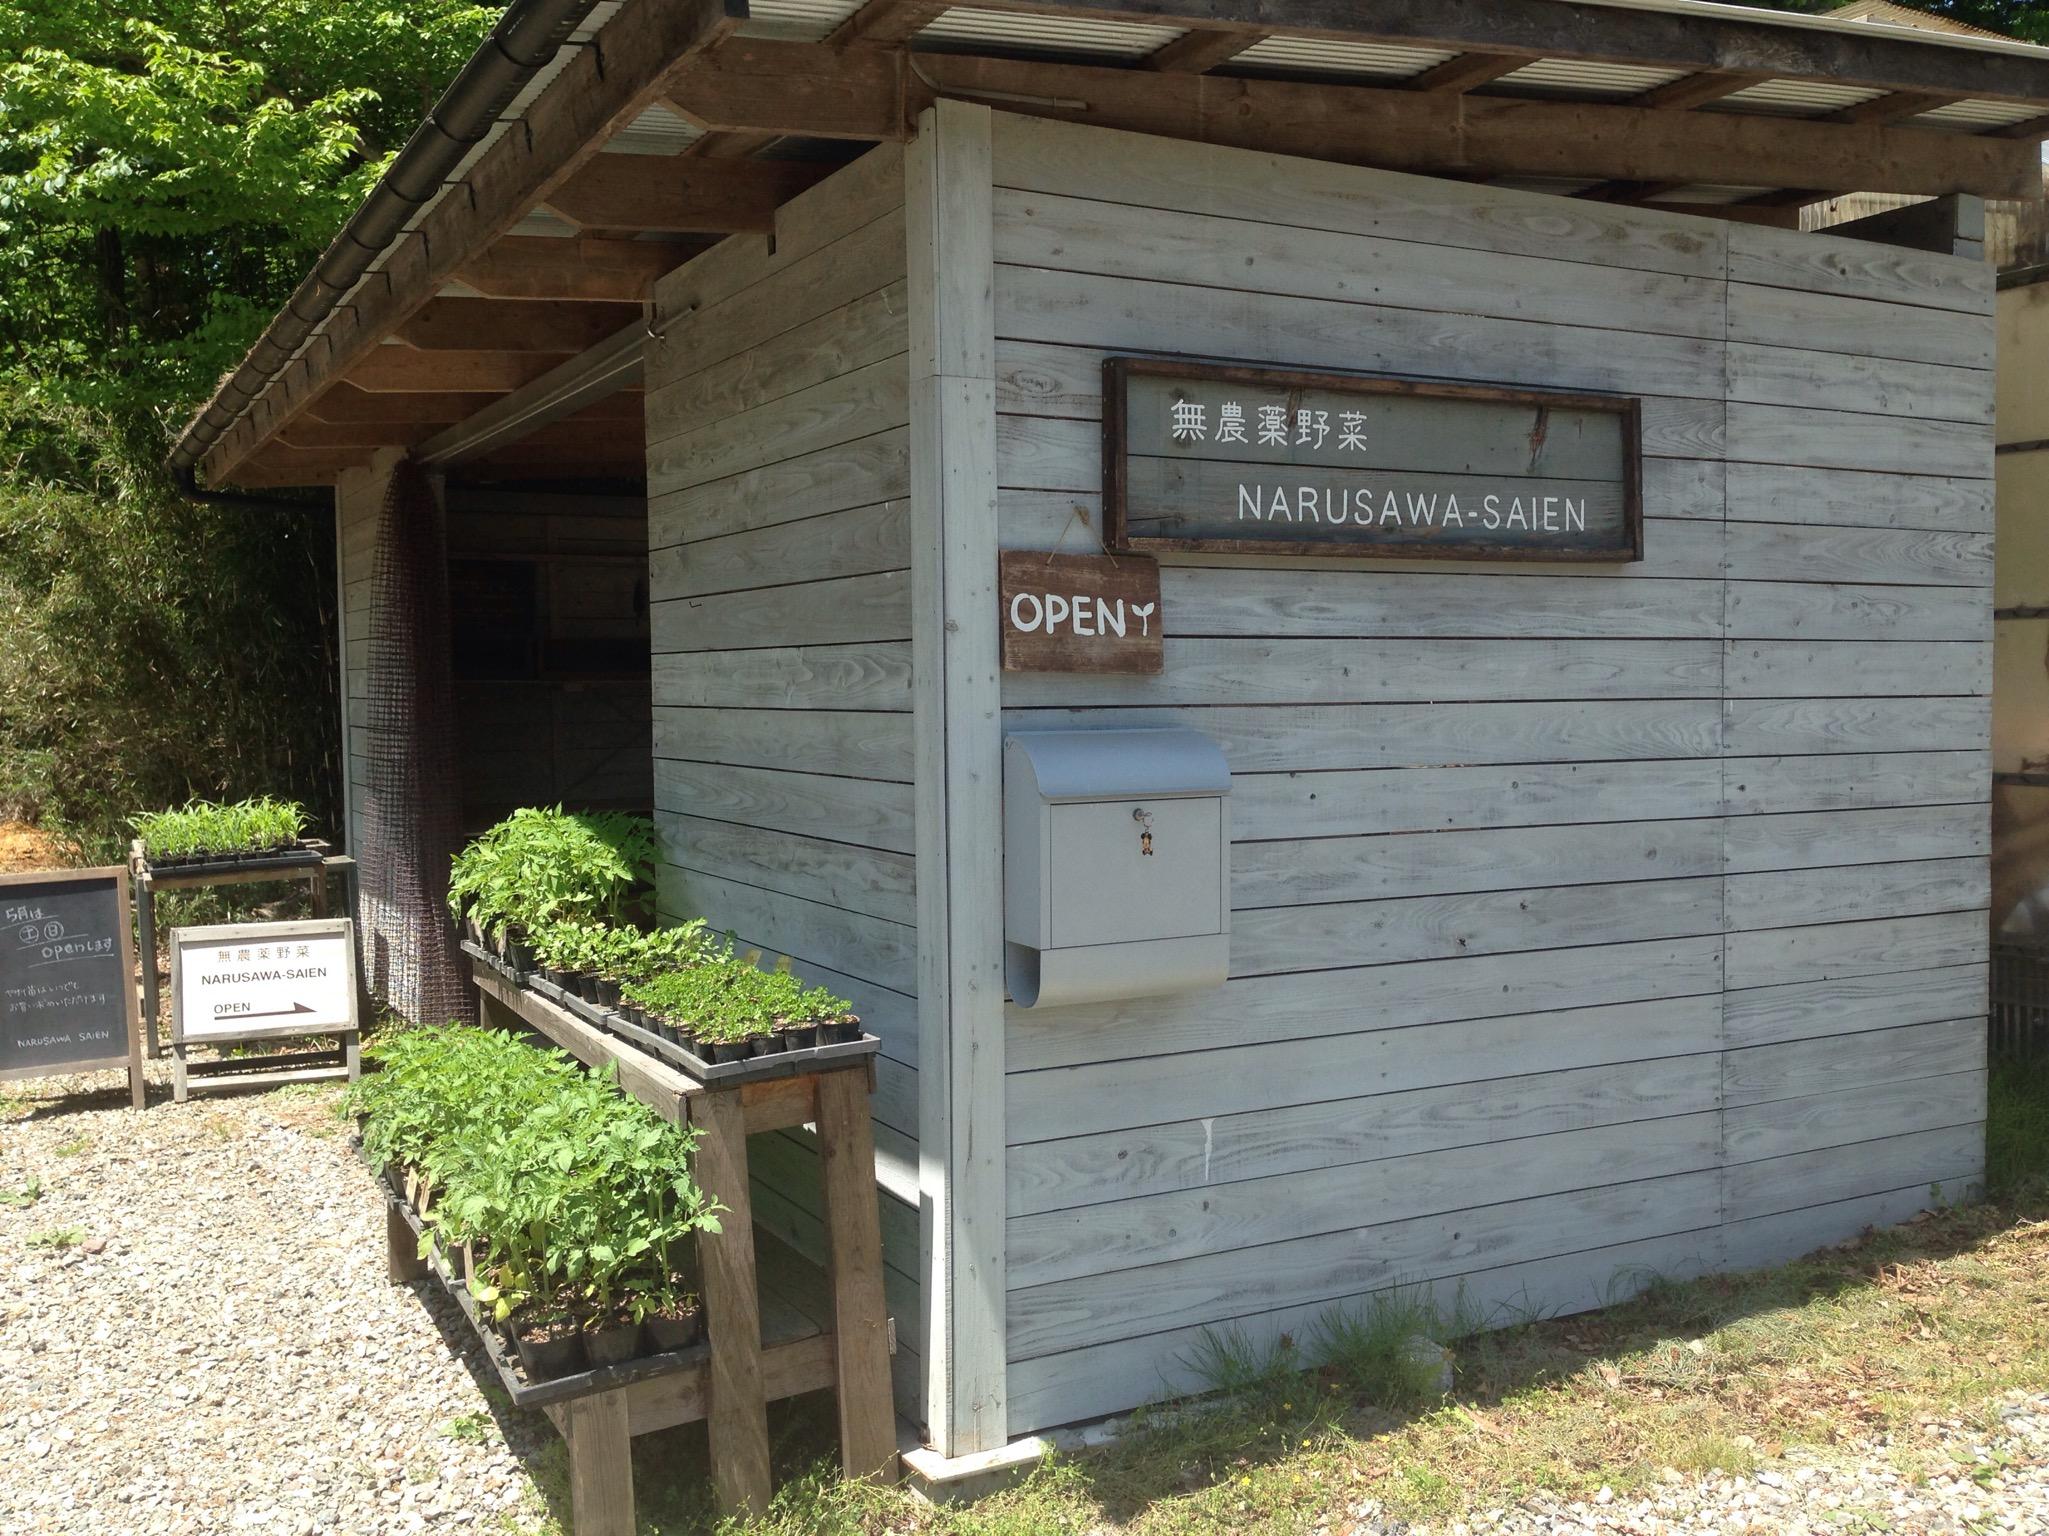 栃木 那須 成澤菜園 なるさわさいえん 無農薬野菜 直売所 外観